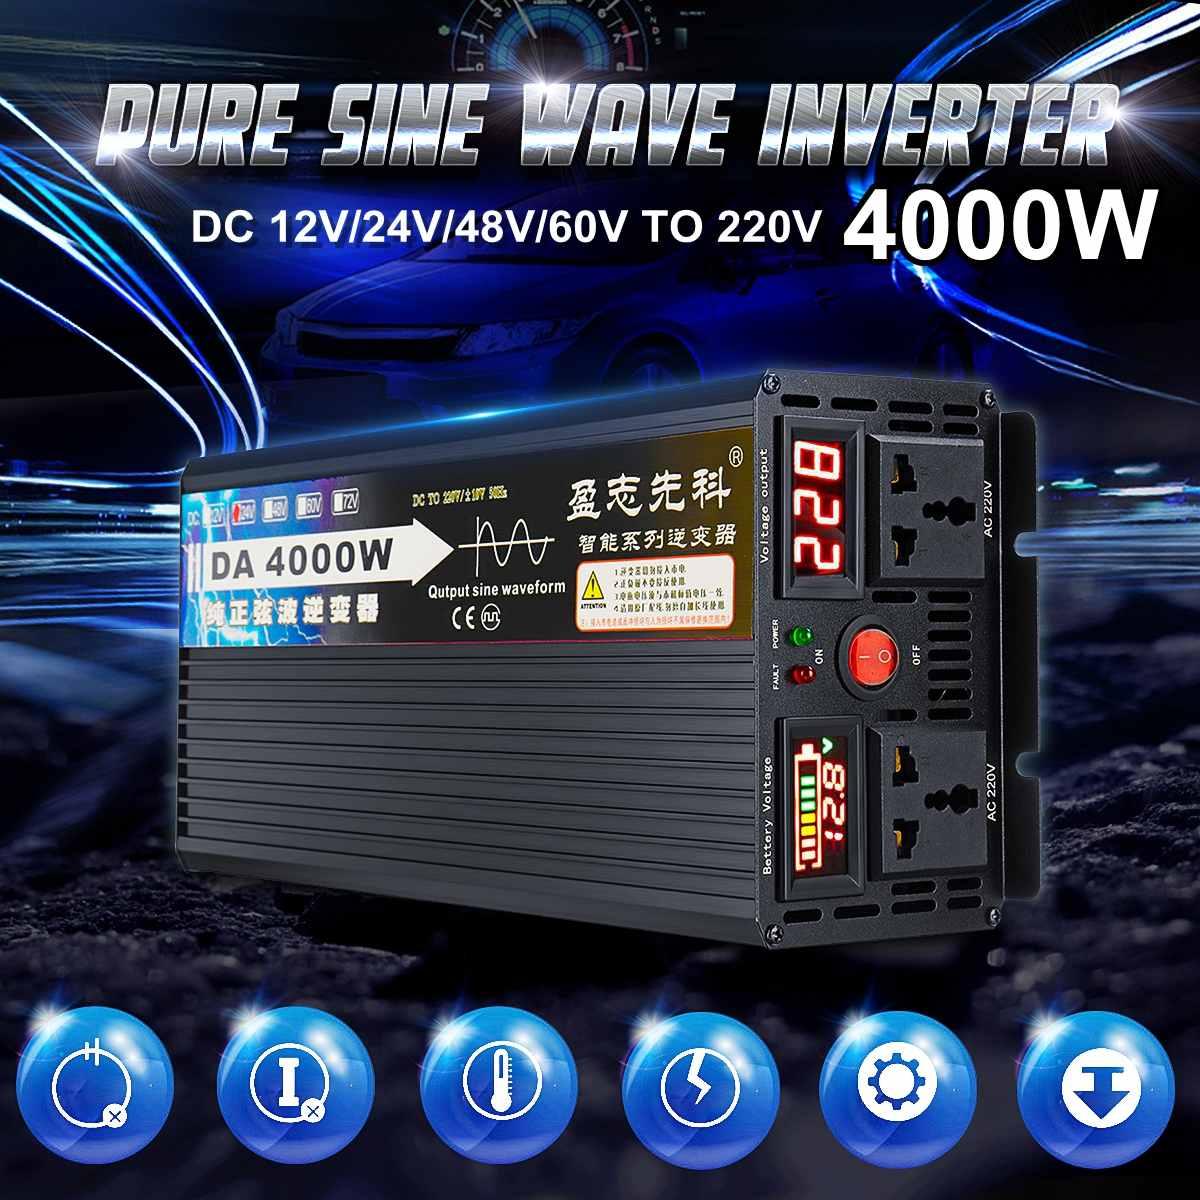 4000 Вт напряжение трансформатор Чистая синусоида солнечный мощность Инвертор DC 12 В 24 48 60 к AC 220 ЖК дисплей/светодиодный дисплей